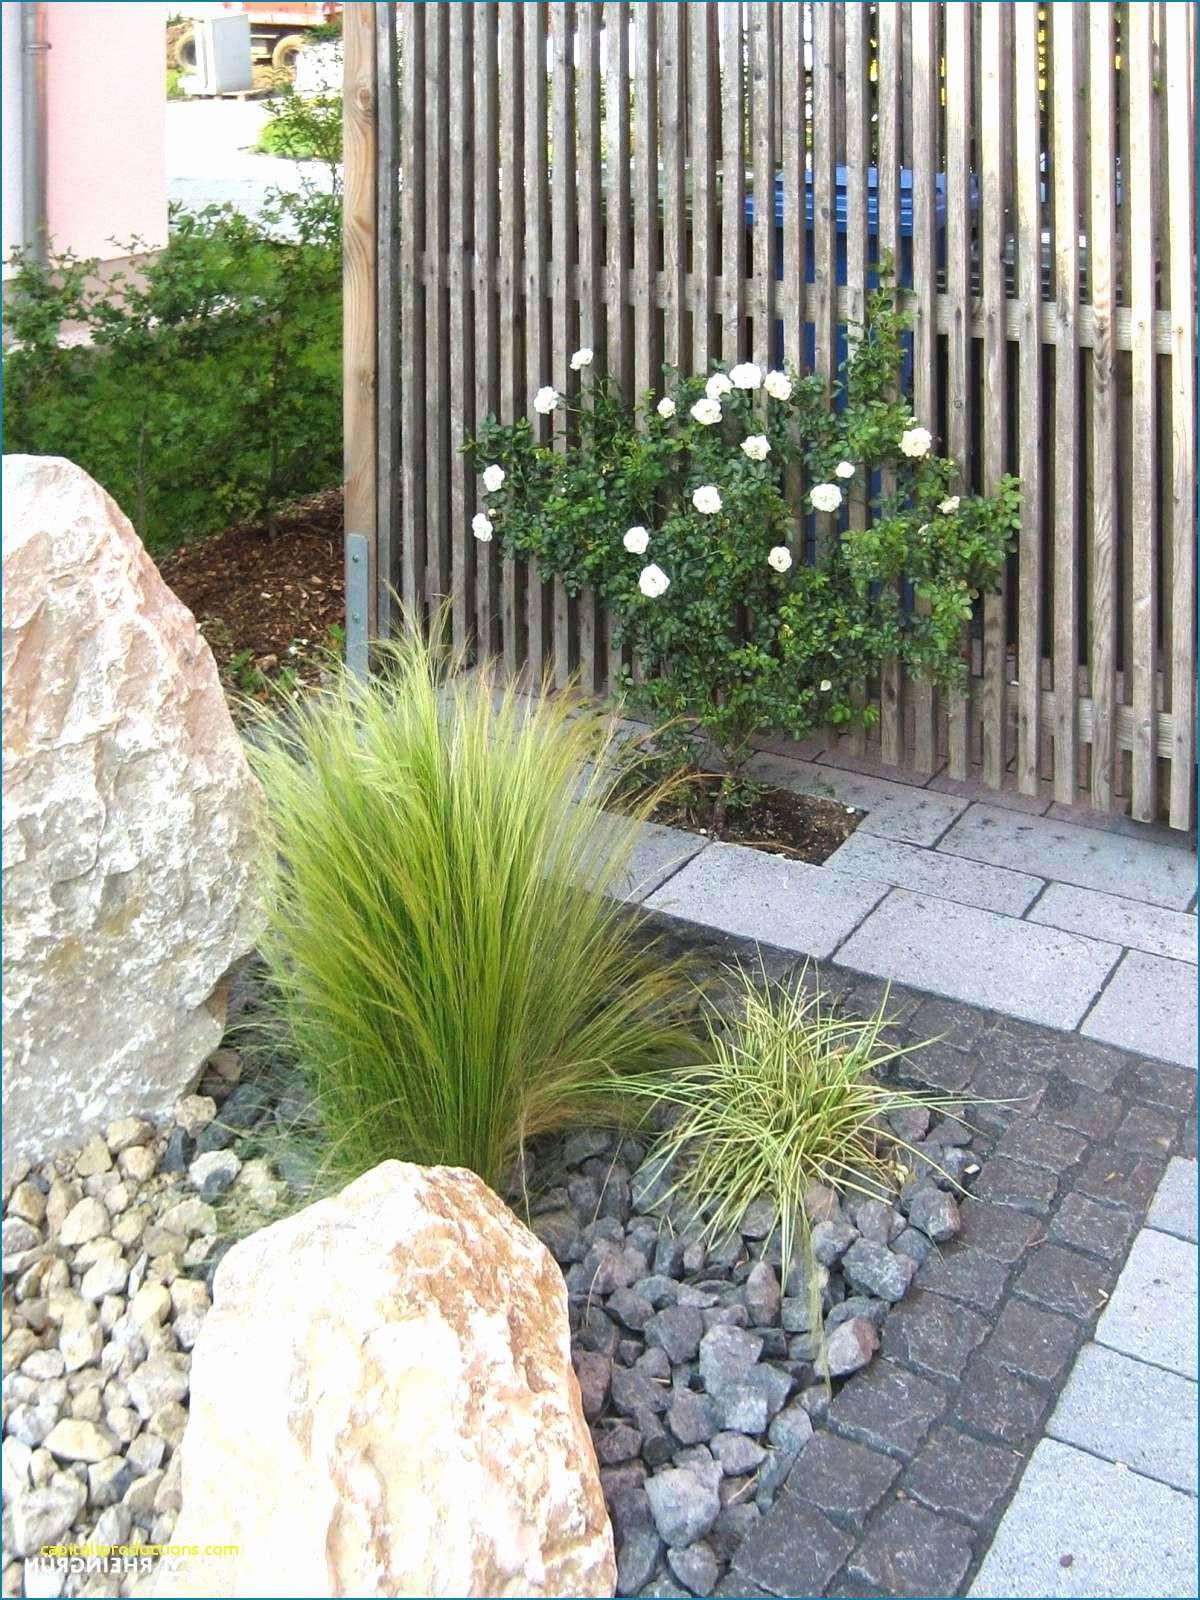 Gartengestaltung Einfach Elegant Garten Mit Blumen Gestalten Garten Gestalten Mit Wenig Geld